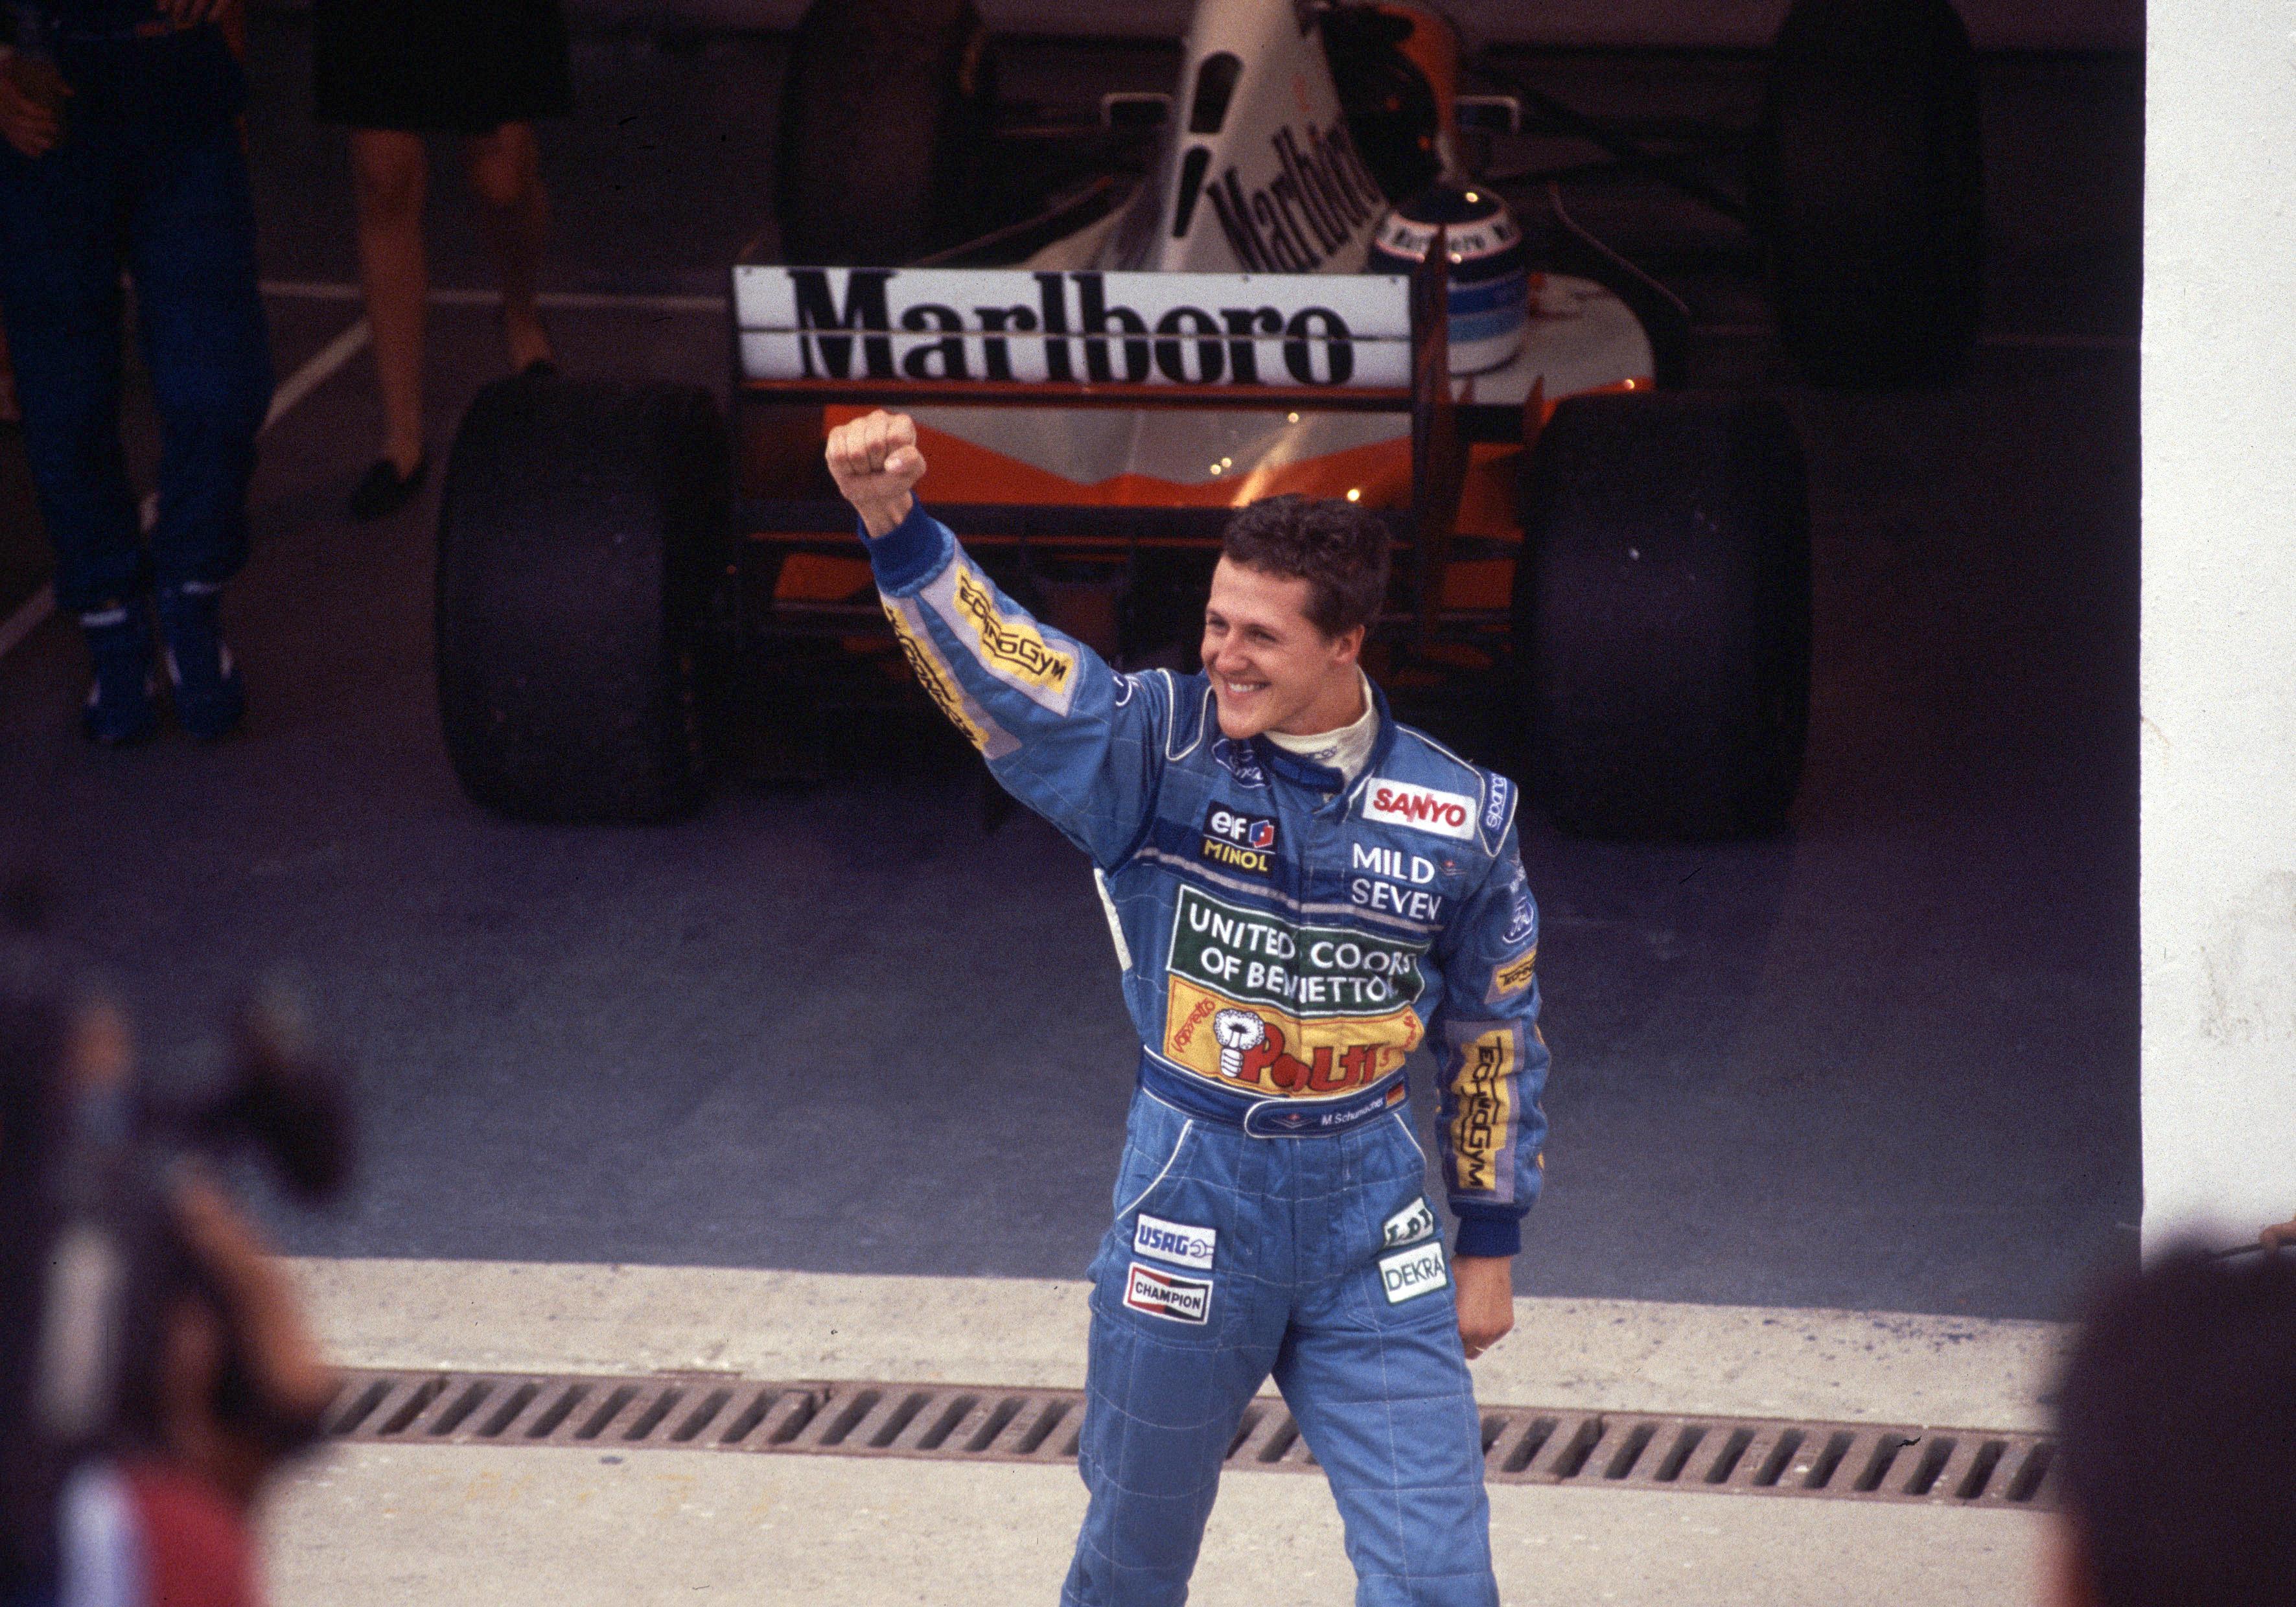 Michael Schumacher F1 win Benetton 1994